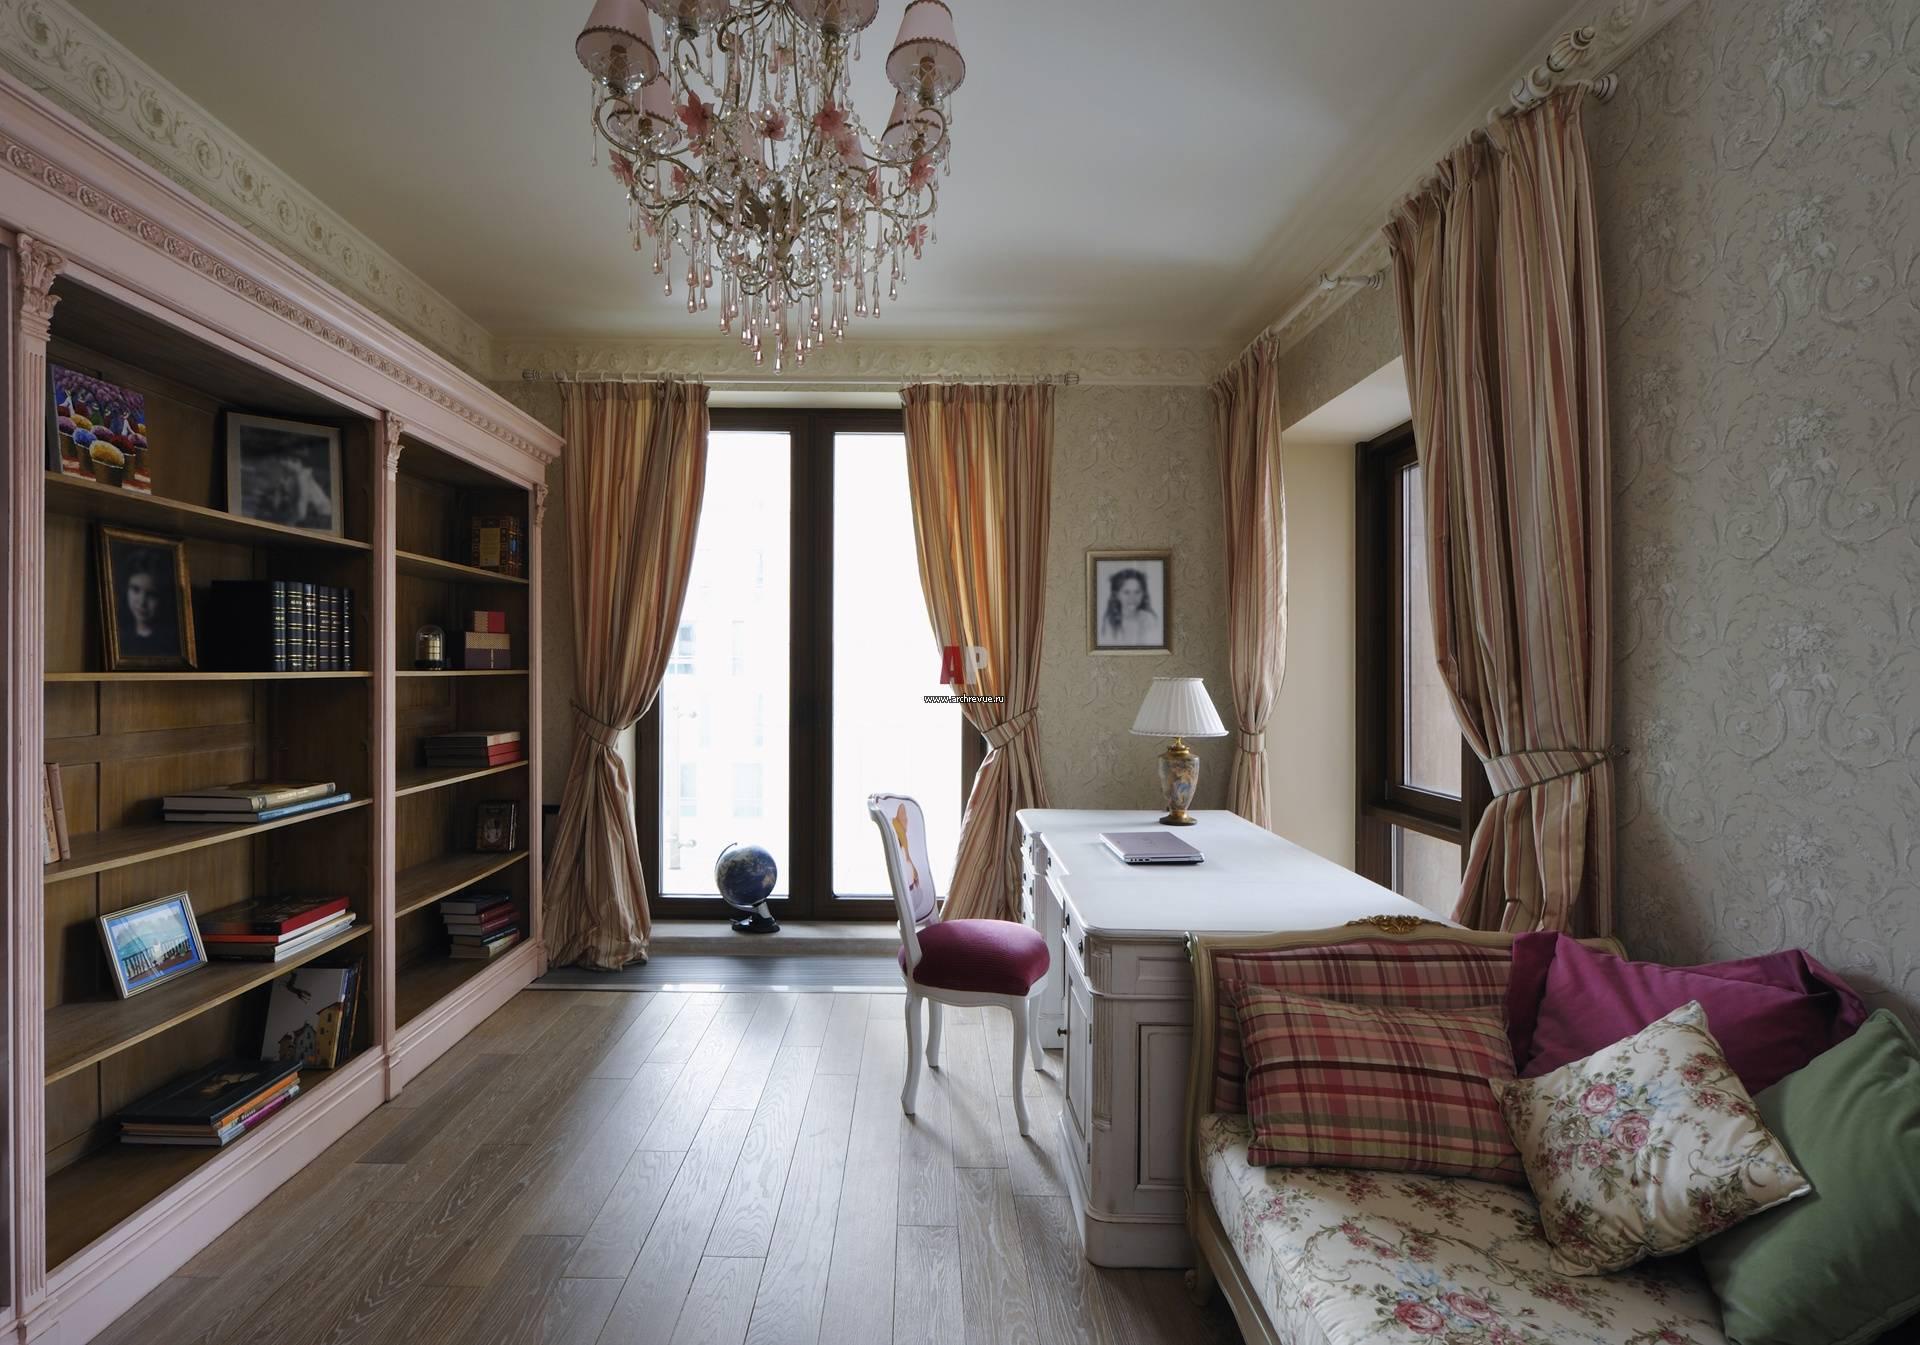 Зал с двумя окнами: дизайн, планировка, декор